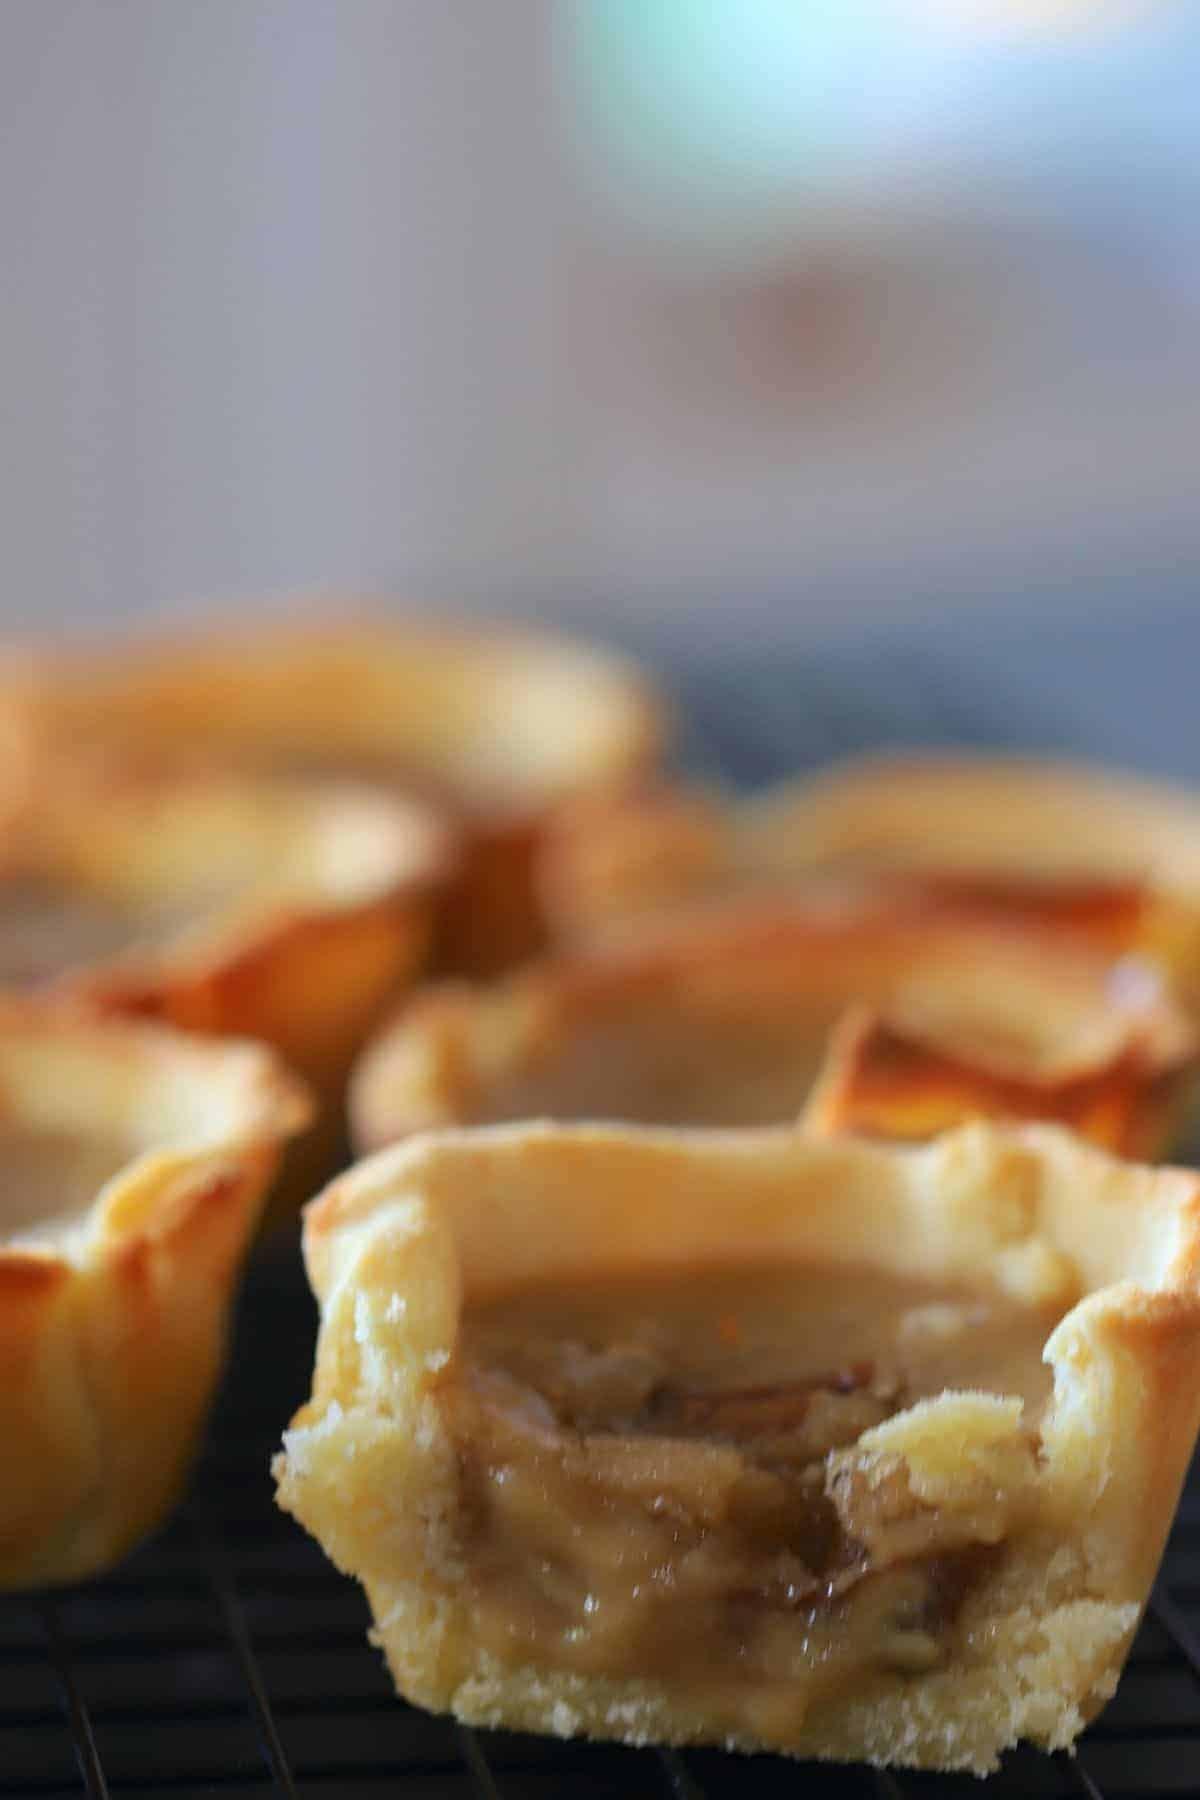 butter tart cut open showing the gooey filling.